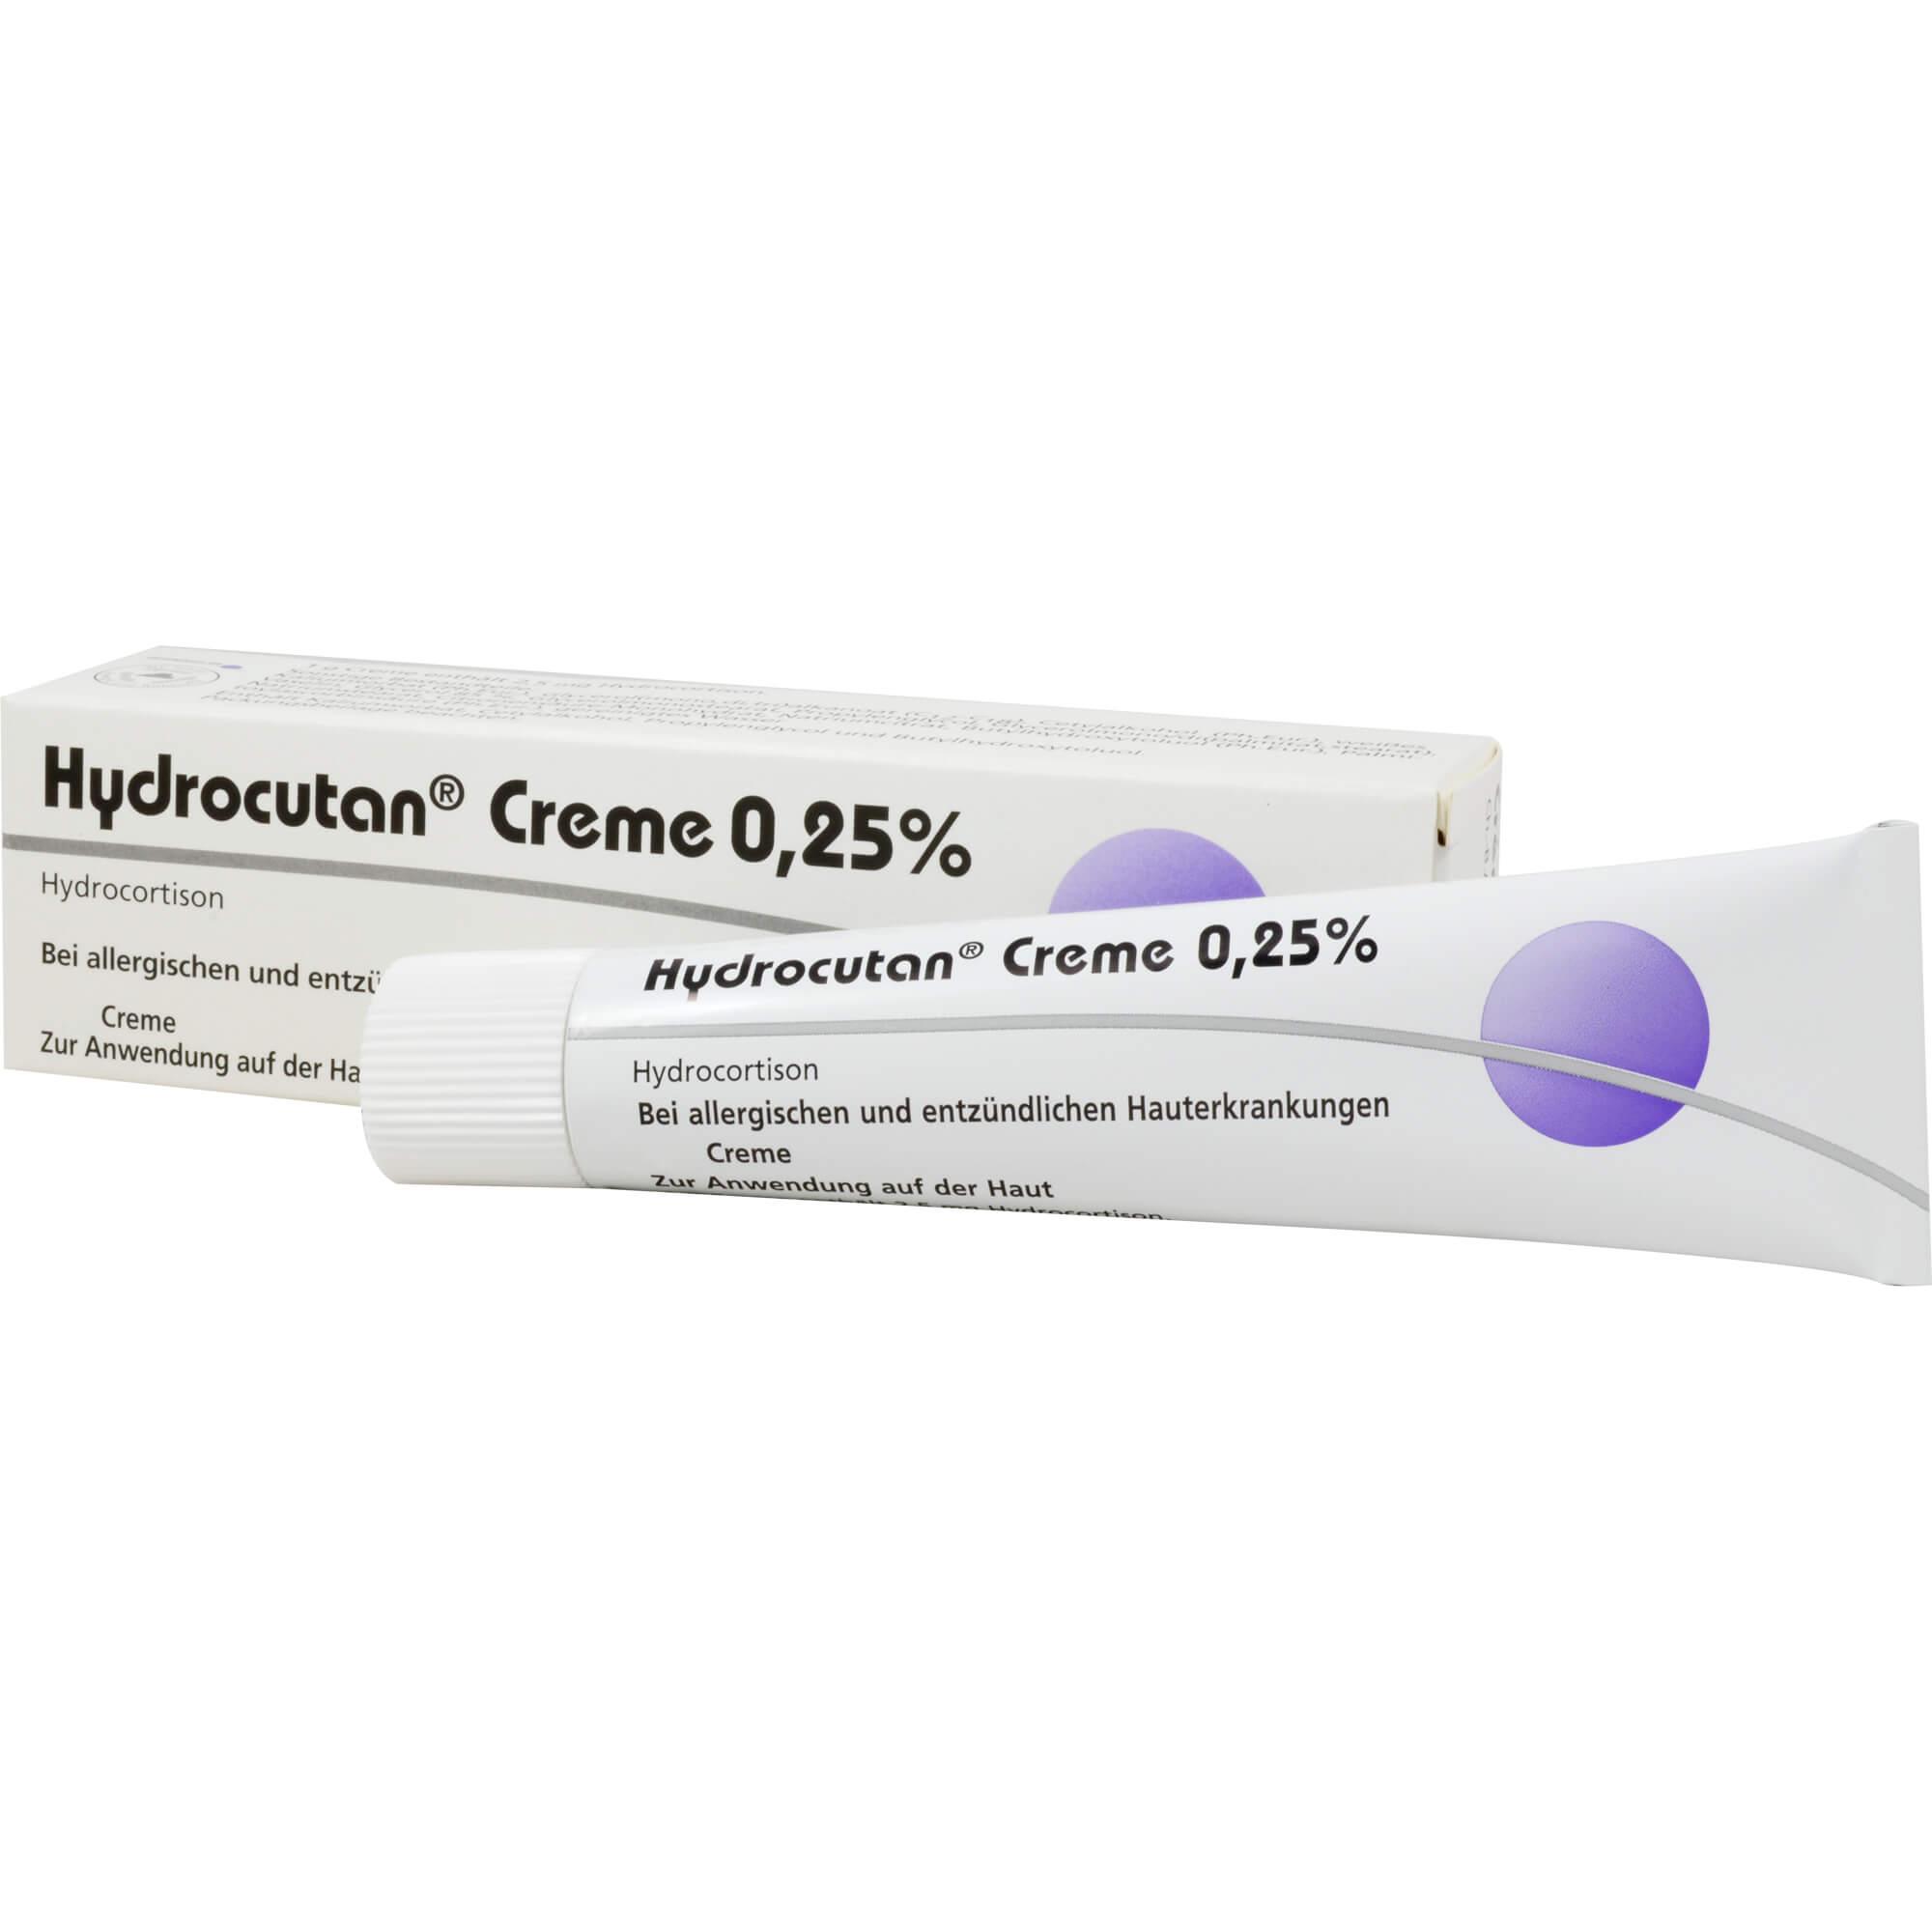 HYDROCUTAN CREME 0.25%